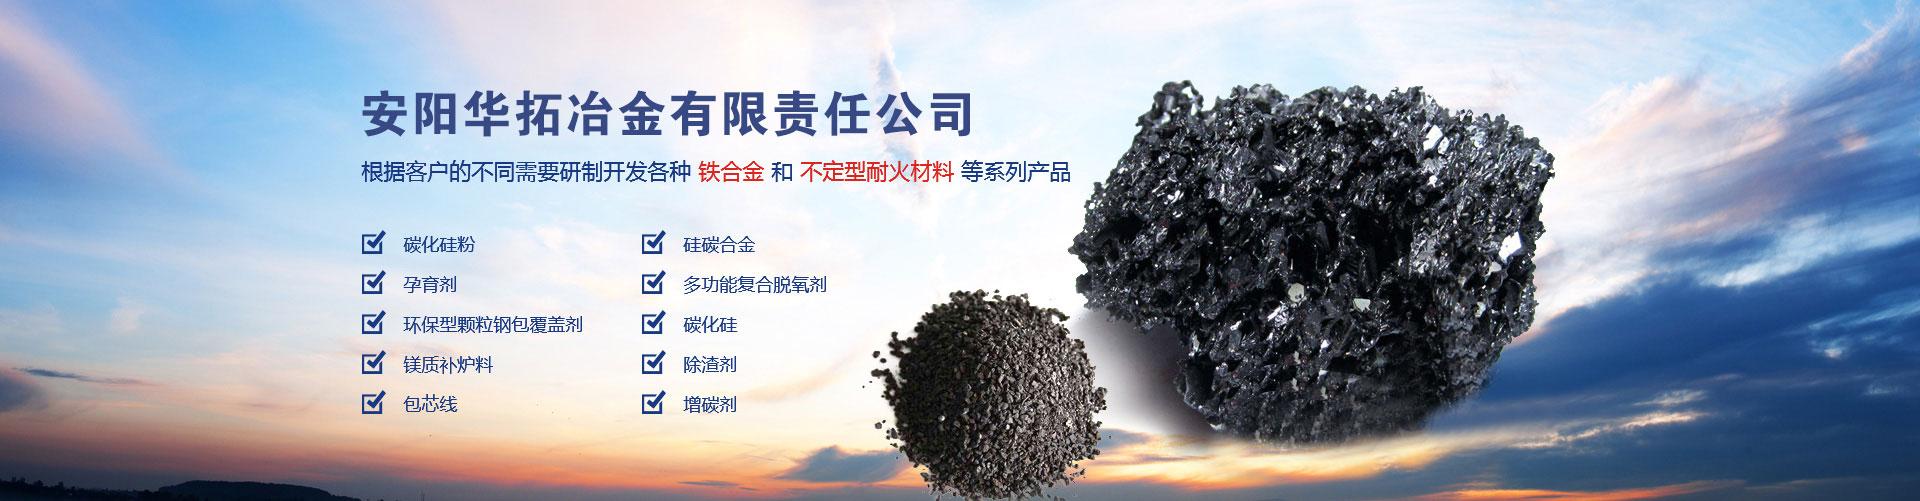 铁合金与冶金材料在线厂家供应生产铁合金-华拓冶金有限责任公司